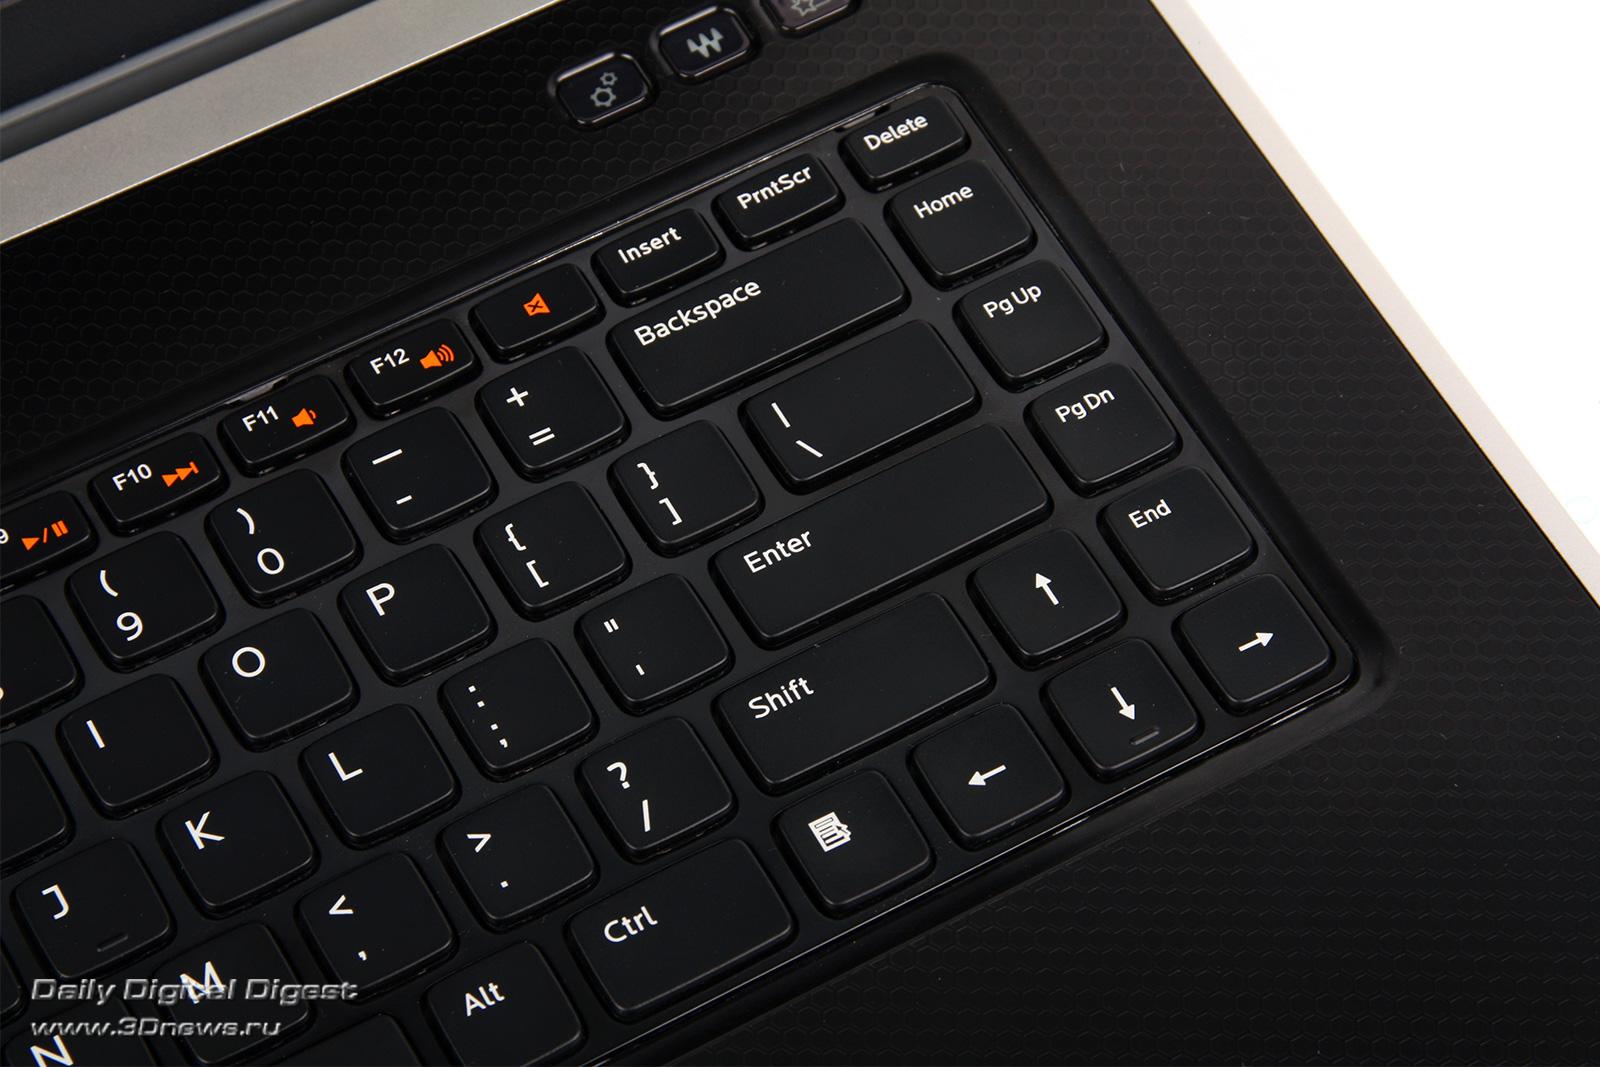 Скачать драйвера для клавиатуры на ноутбук dell